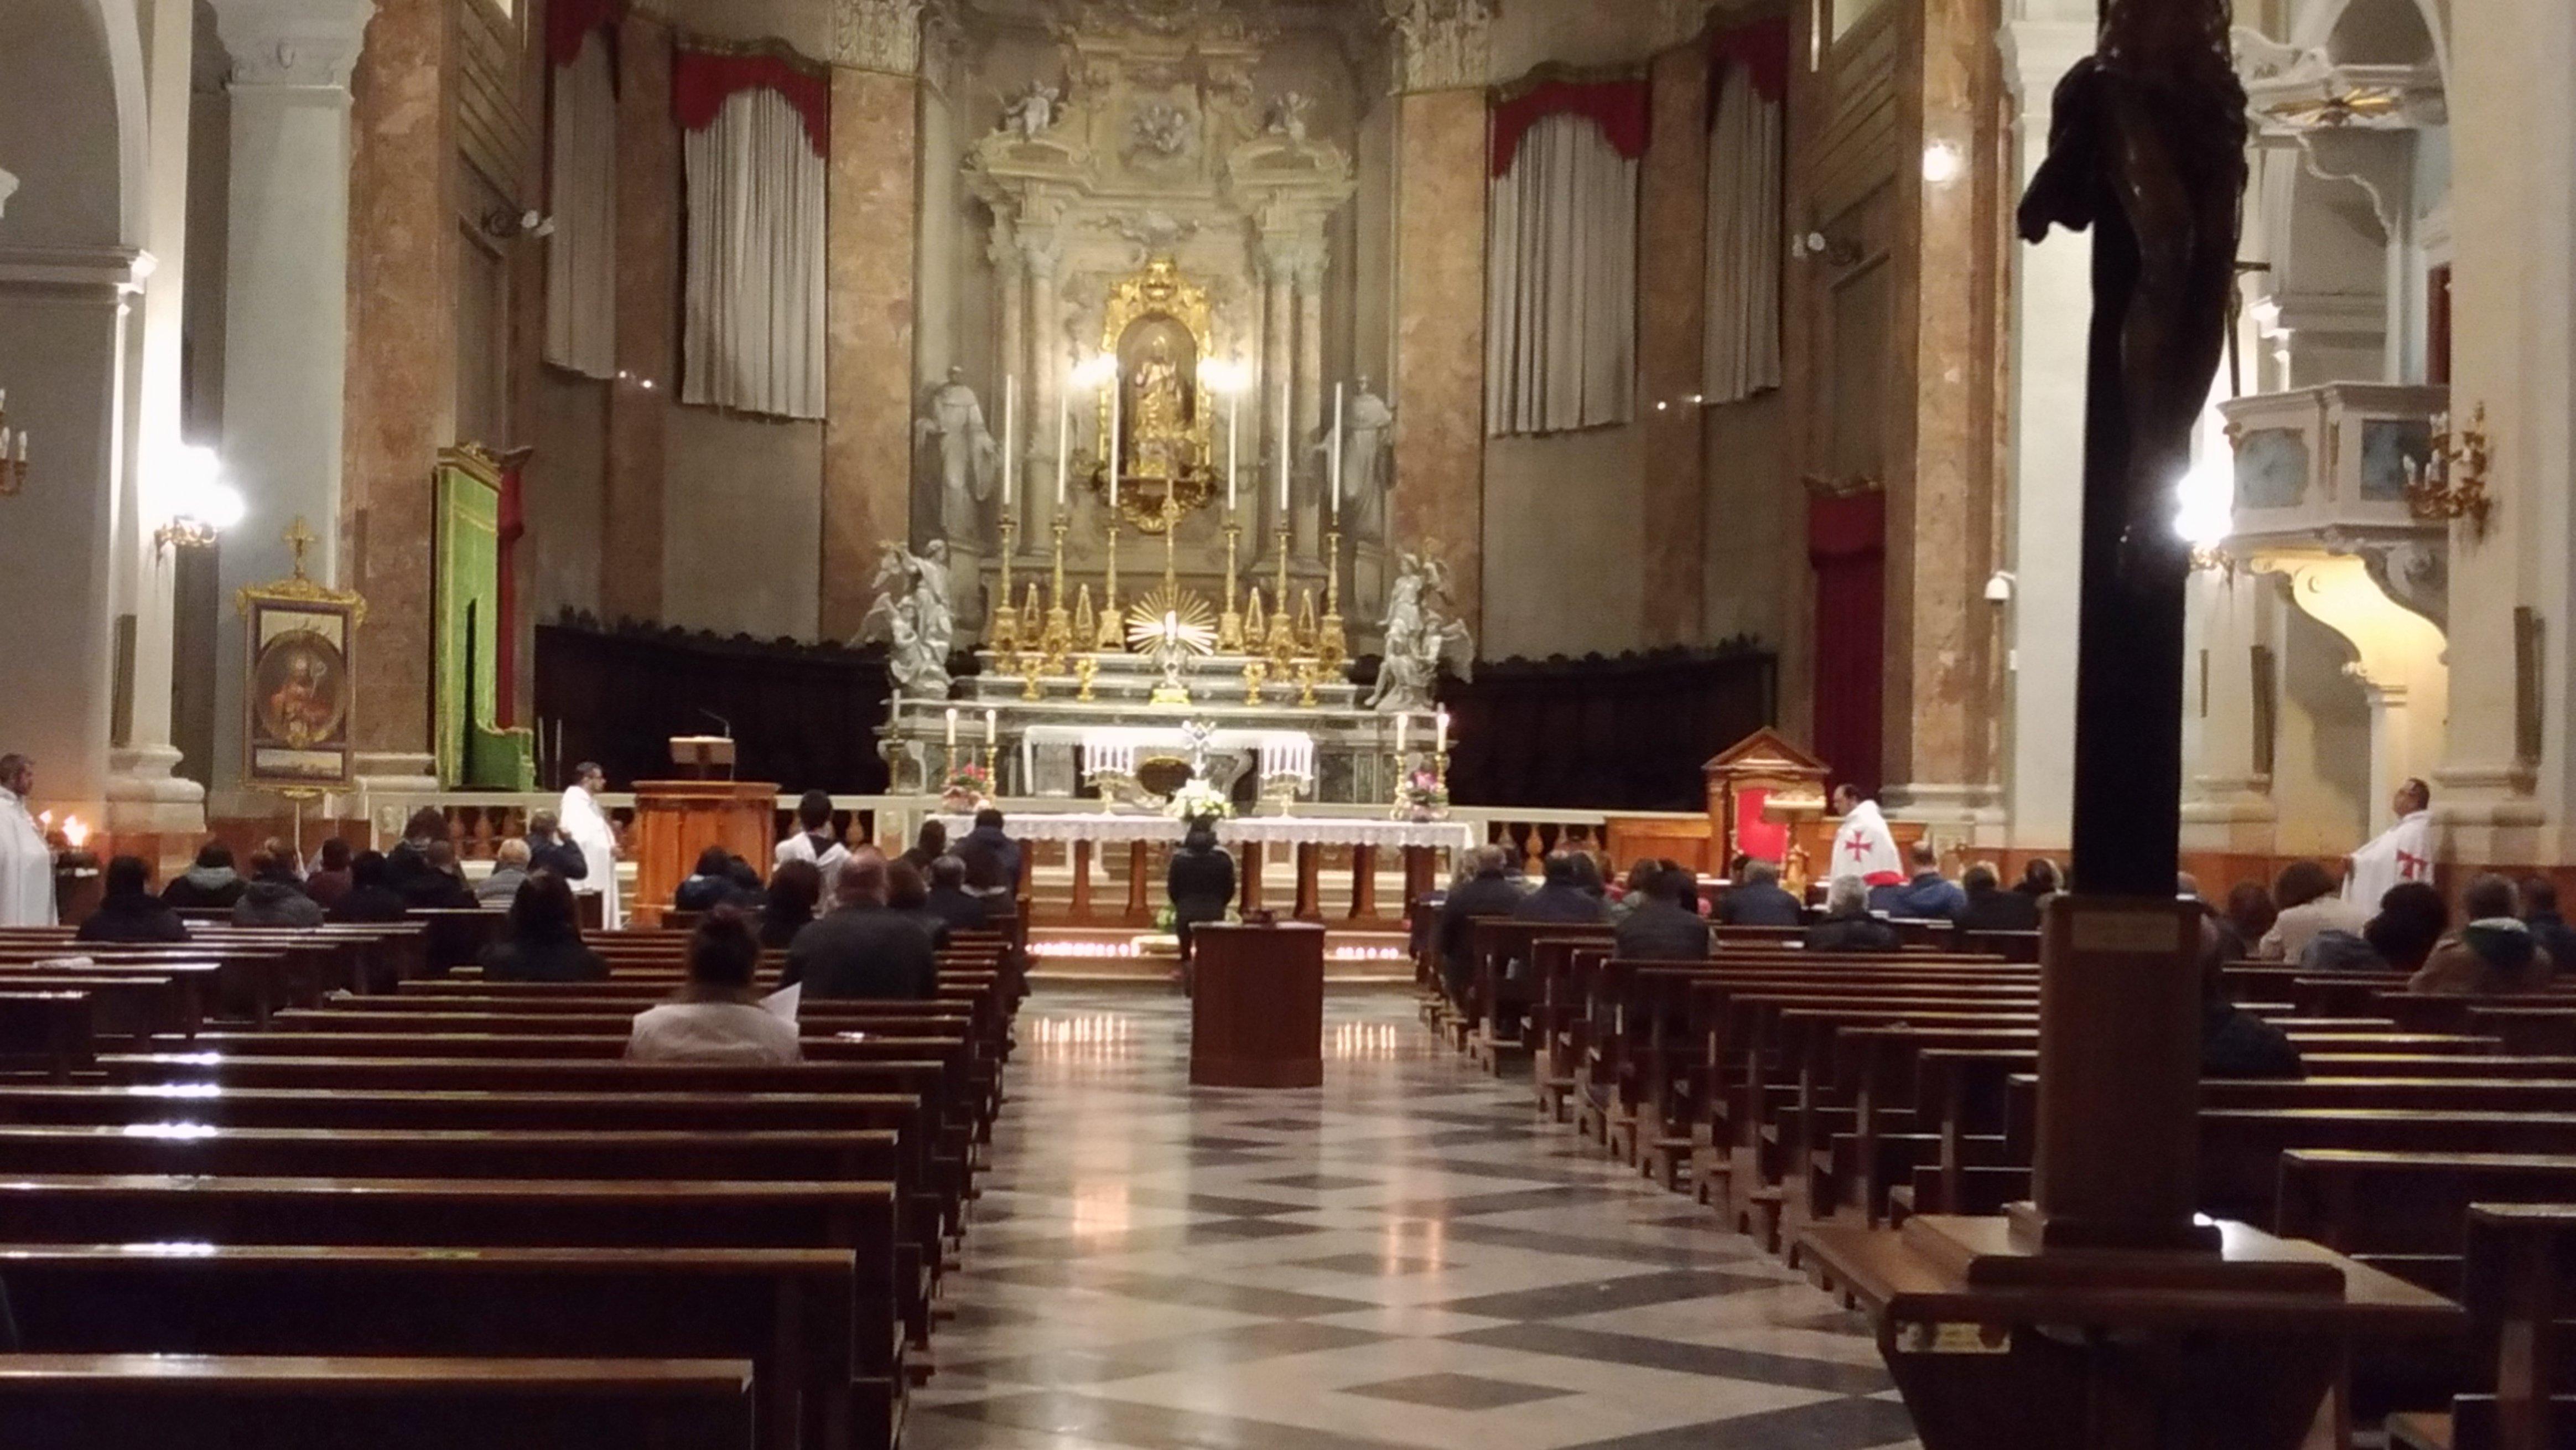 I Templari Cattolici D'Italia partecipano All'adorazione Eucaristica Organizzata dalla Pastorale Giovanile e guidata da don Roberto Panbianchi, responsabile diocesano della Pastorale Giovanile, come da accordo con l'Arcivescovo di Ferrara Sua Eccellenza Monsignor Giancarlo Perego Comacchio.